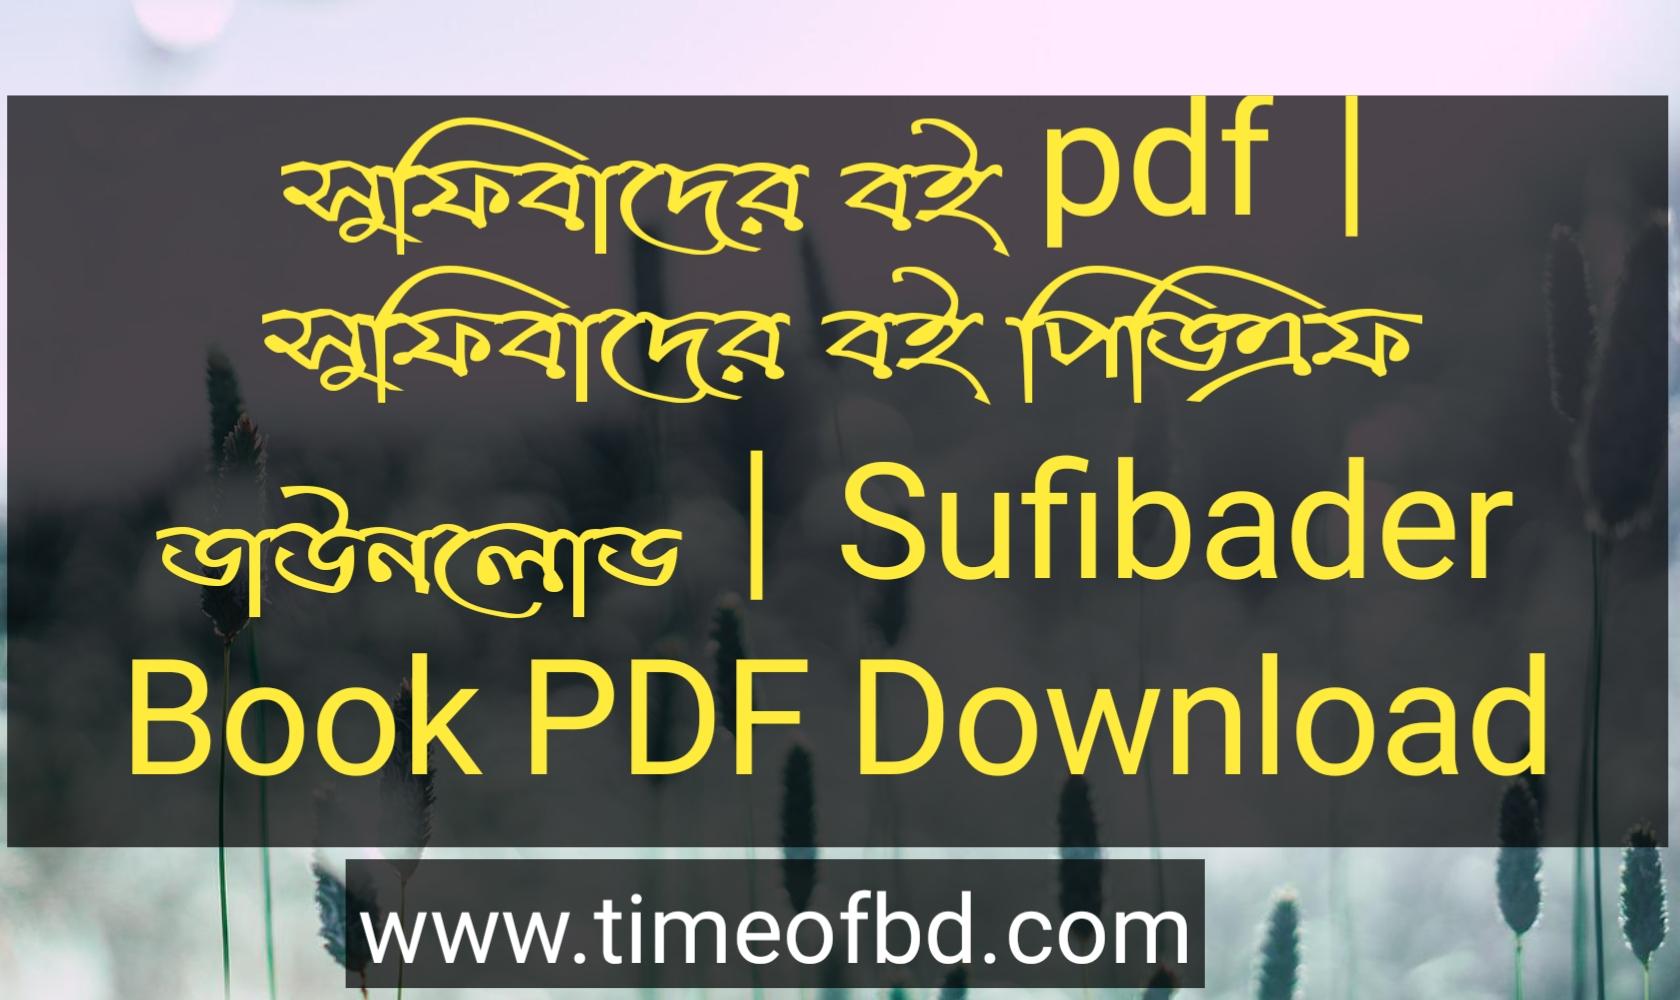 সুফিবাদের বই pdf, সুফিবাদের বই পিডিএফ ডাউনলোড, সুফিবাদের বই পিডিএফ, সুফিবাদের বই pdf download,